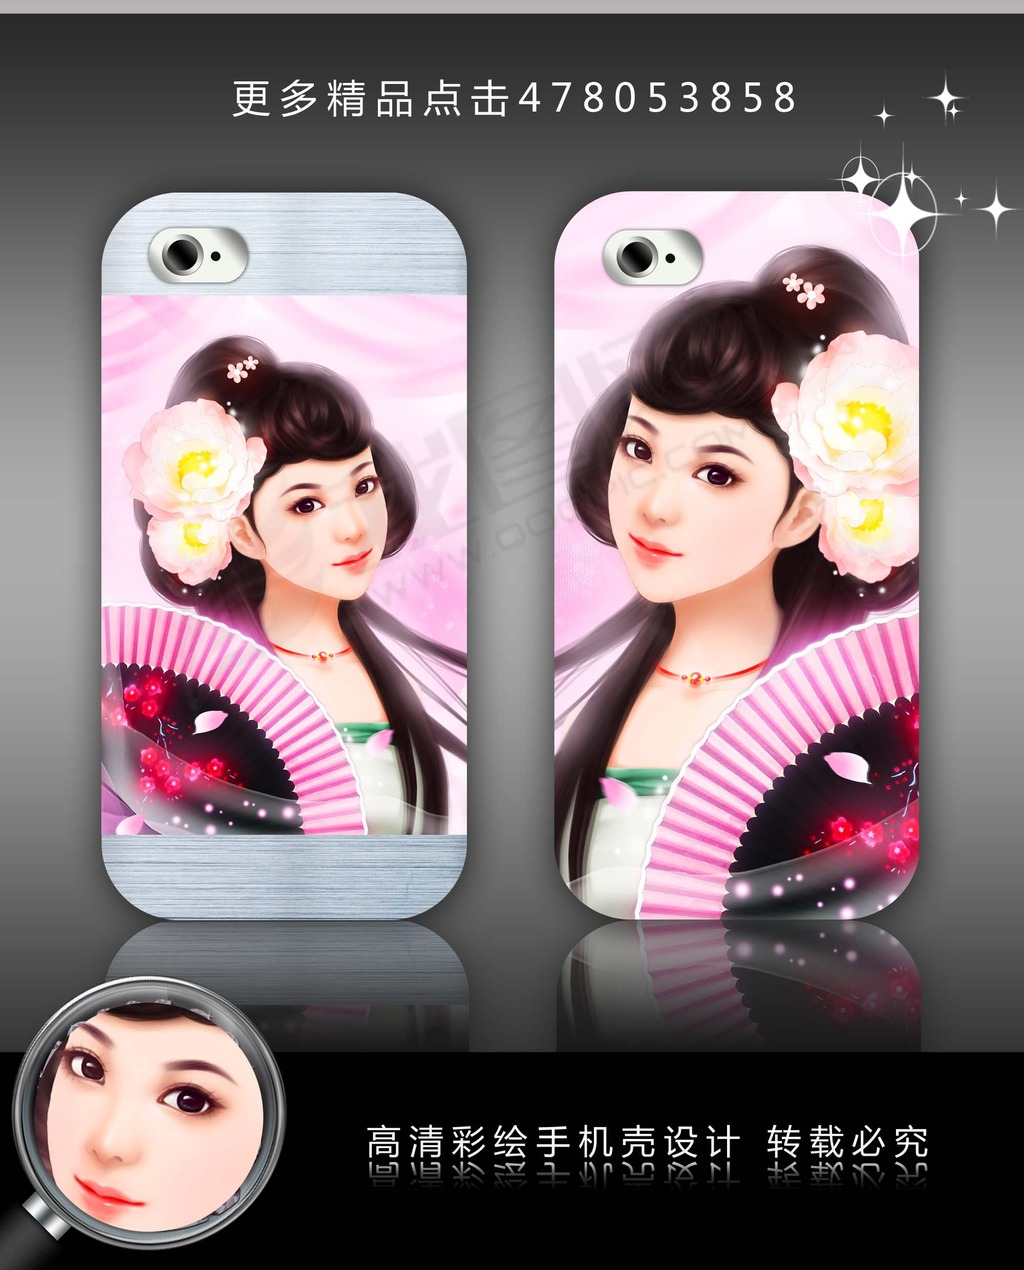 手机套 时尚手机壳 女性手机壳 插画人物 插画手机壳 美女 女孩 彩绘